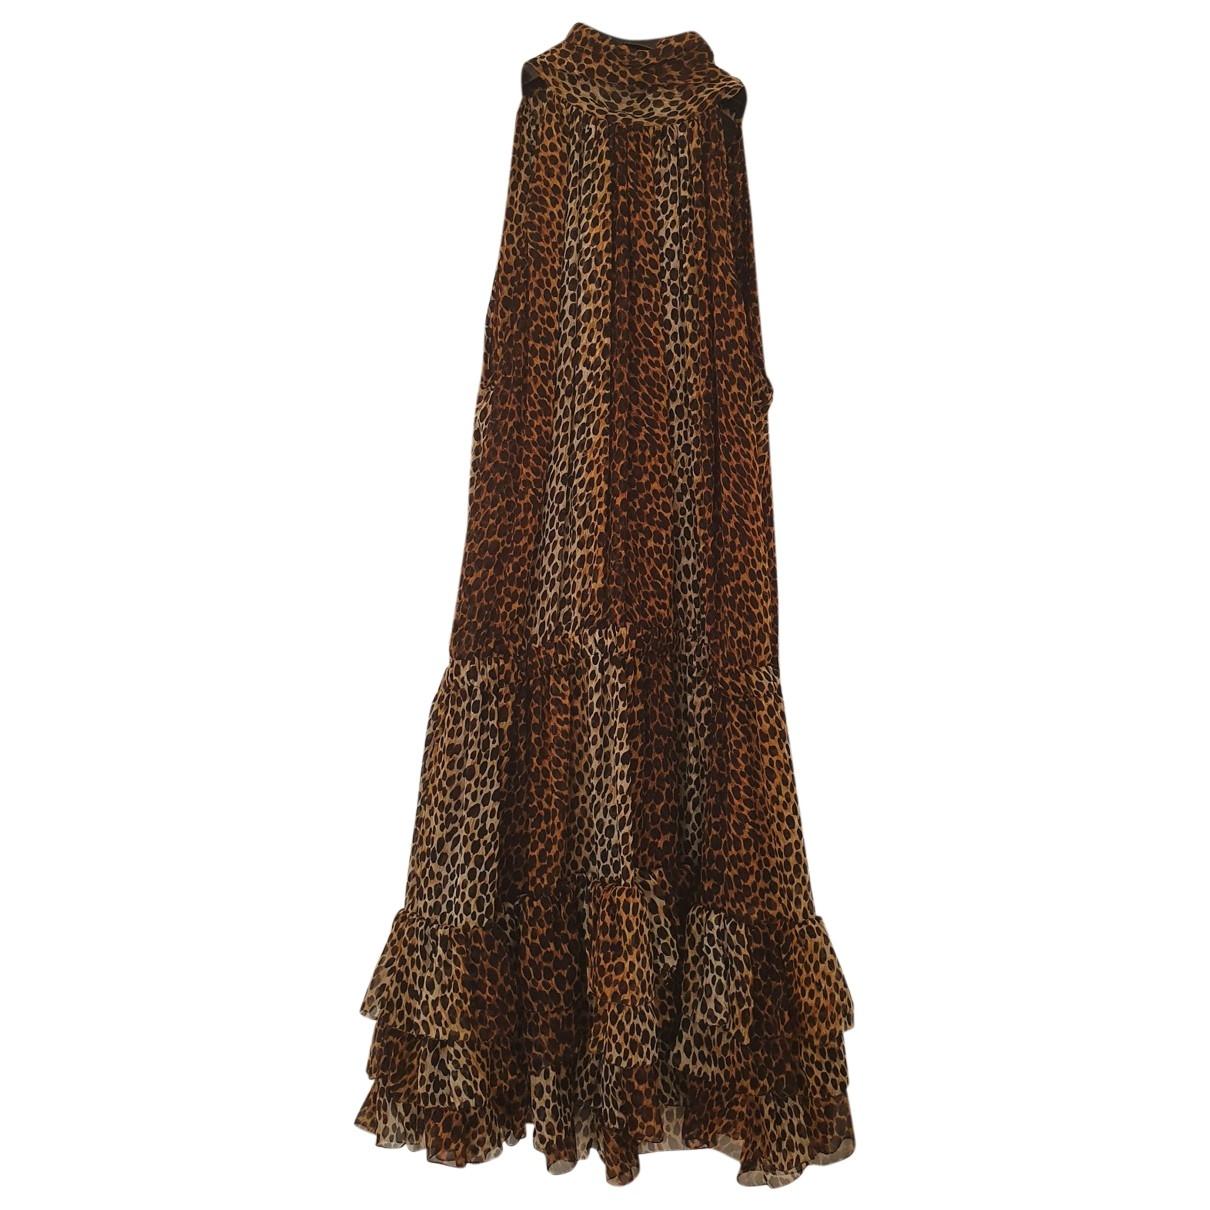 D&g - Robe   pour femme en soie